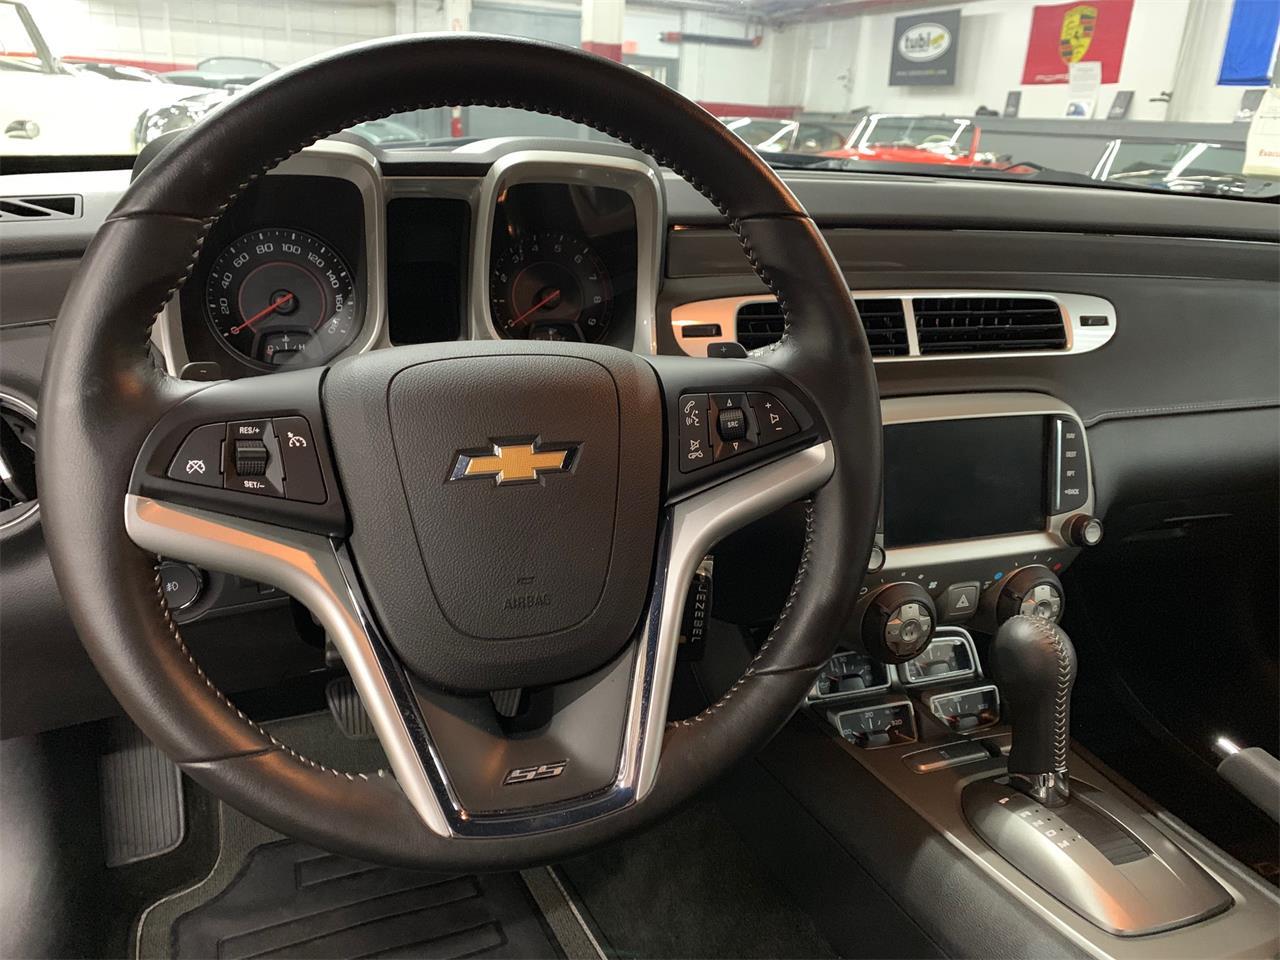 2015 Chevrolet Camaro COPO (CC-1297157) for sale in BRIDGEPORT, Connecticut